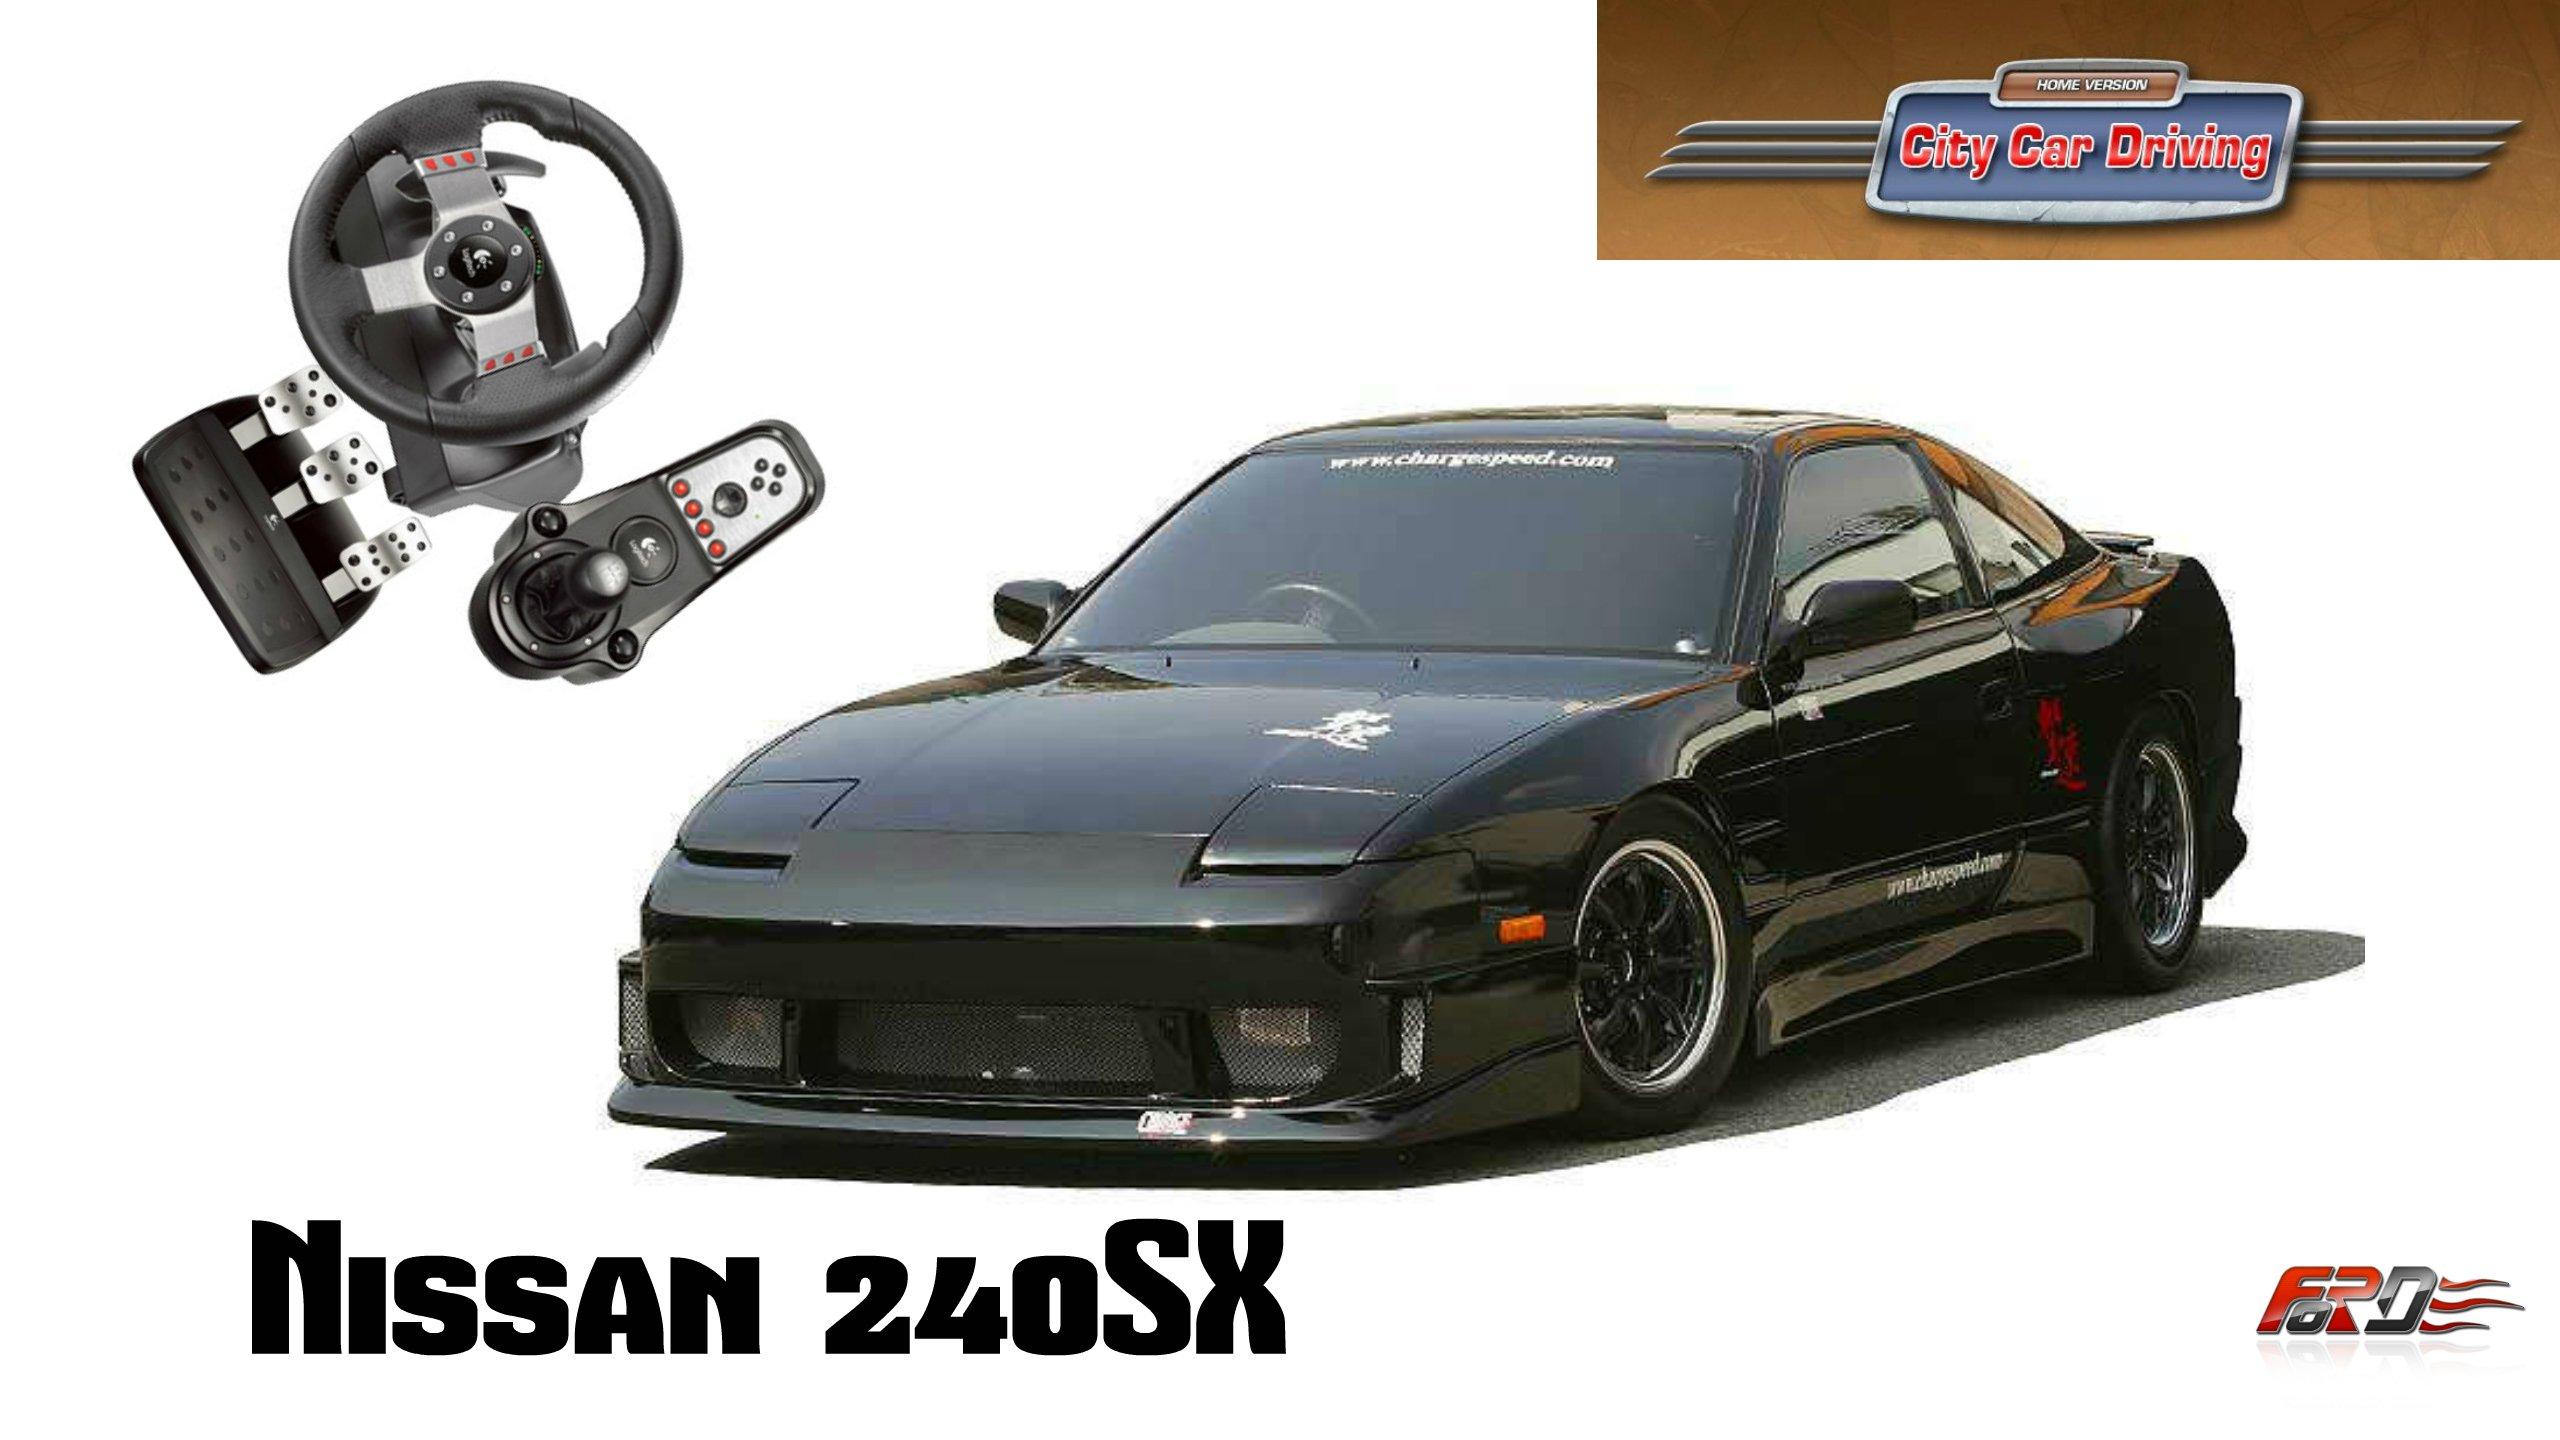 Nissan 240SX - тест-драйв, обзор японского автомобиля для дрифта, который не едет в City Car Driving. - Изображение 1